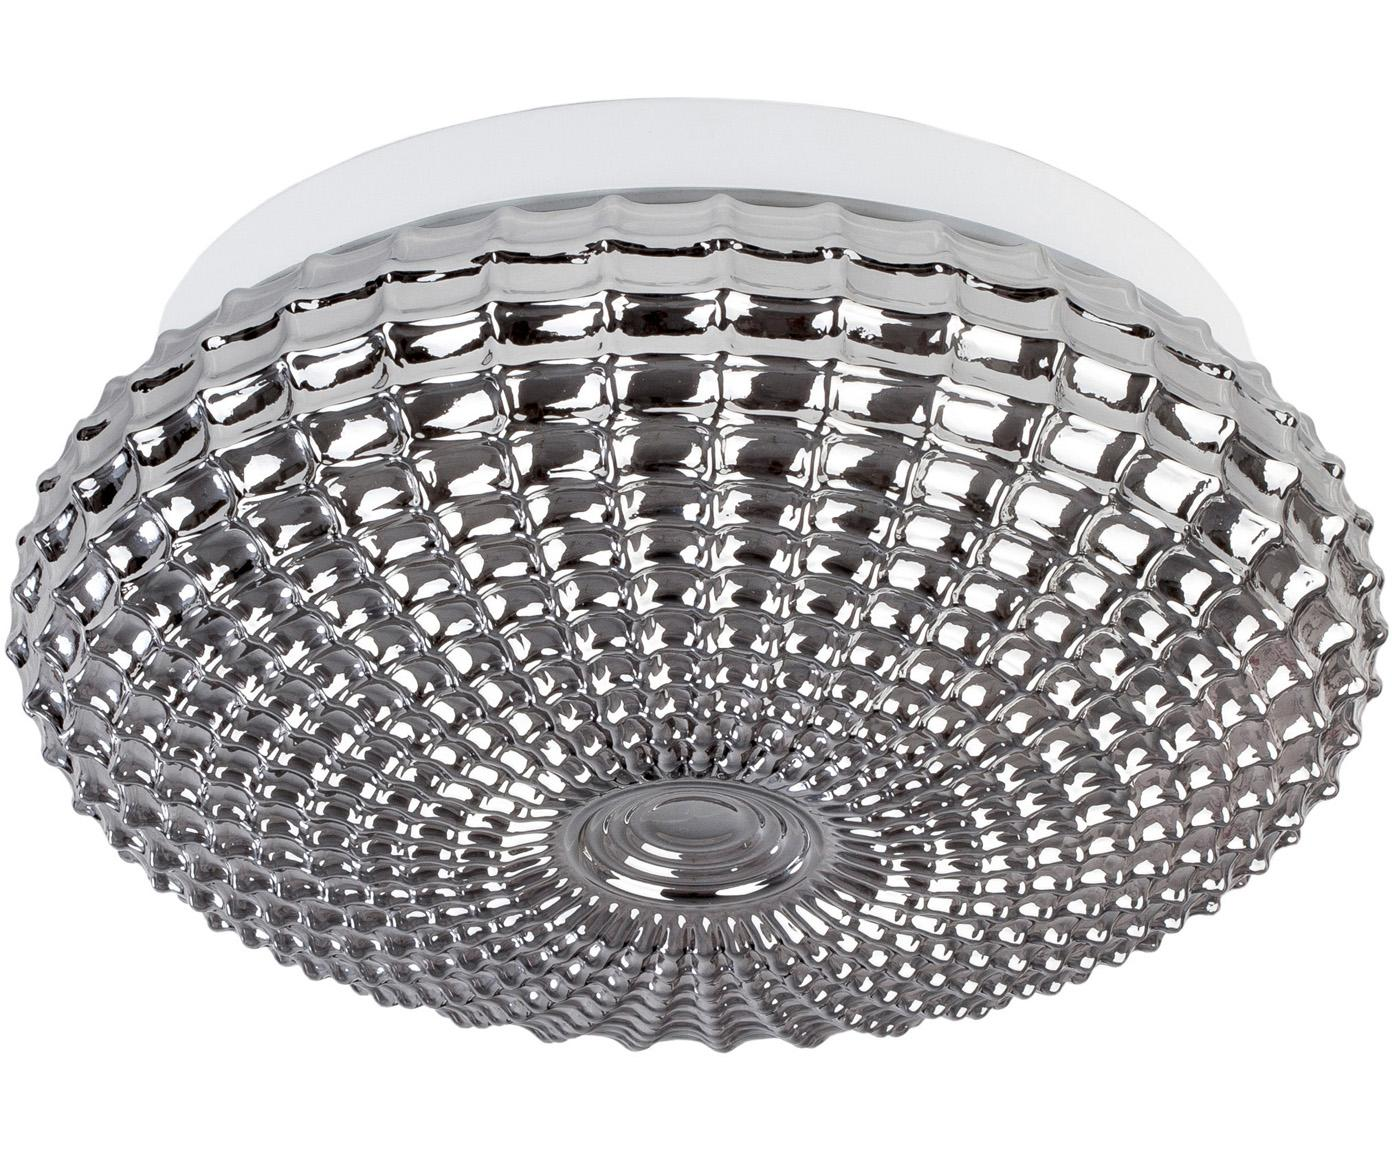 Lampa sufitowa z funkcją przyciemniania Clam, Chrom, biały, Ø 30 x W 12 cm